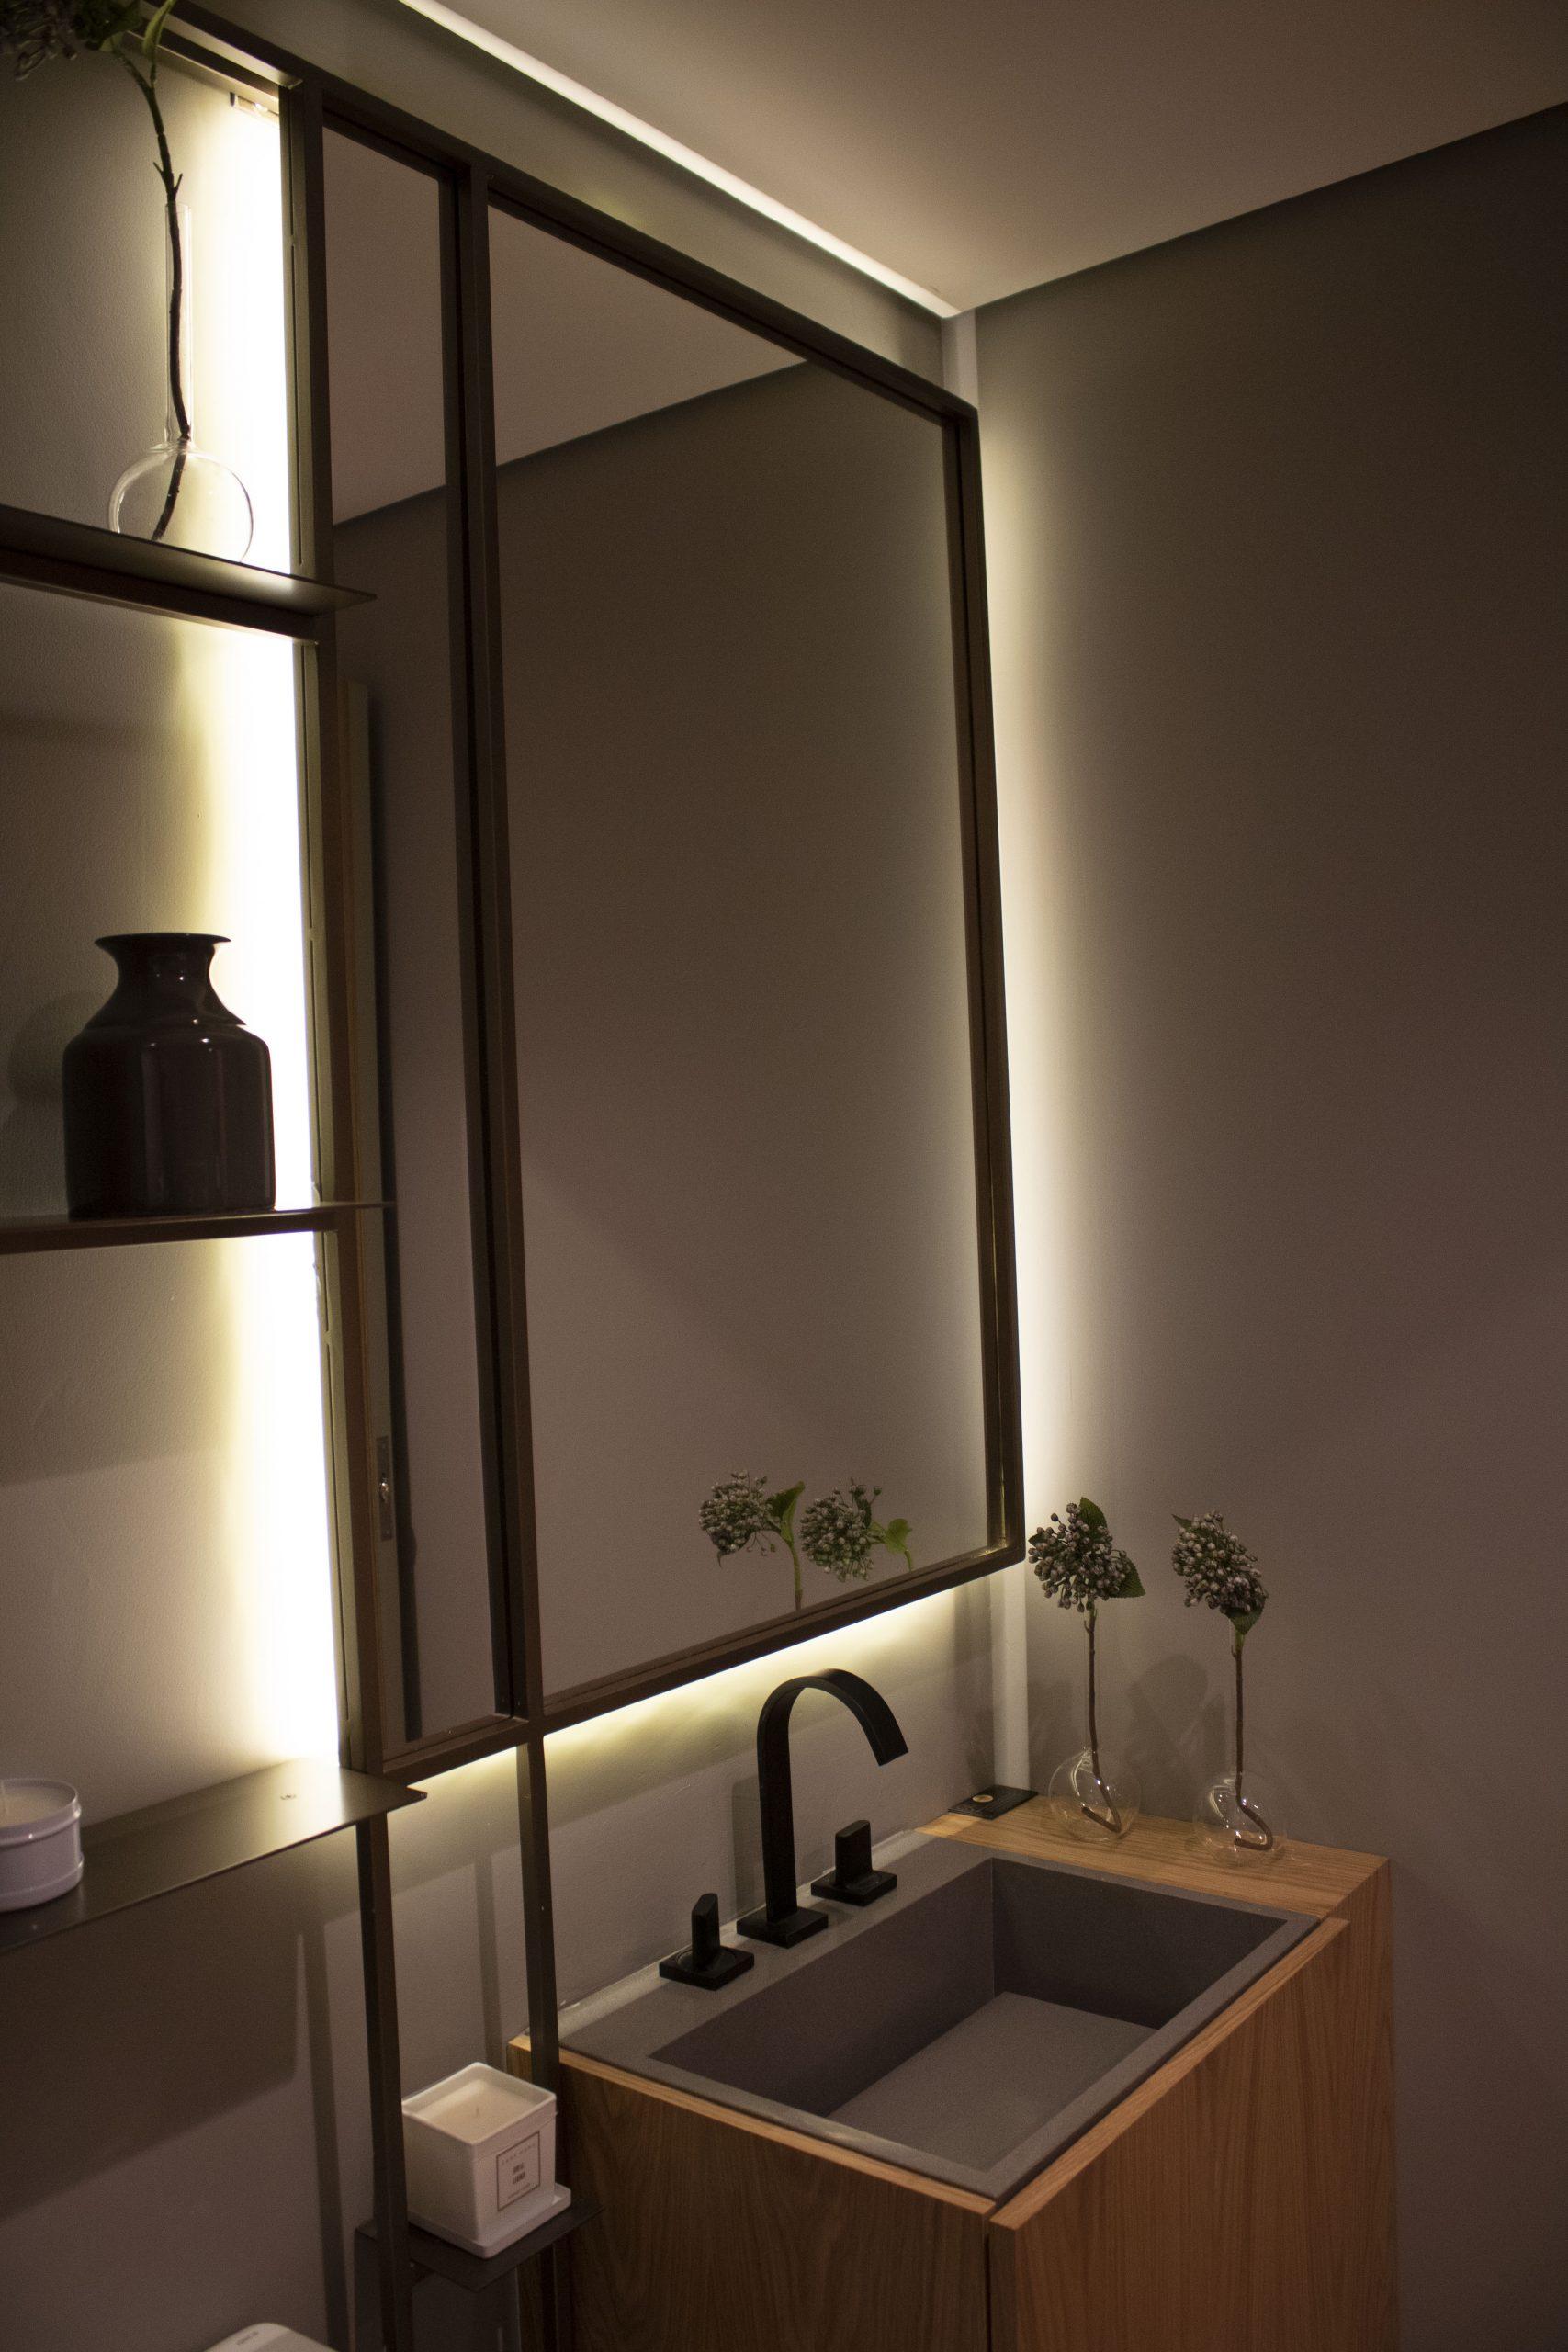 Inspire-se - Espelho - SEV Exclusivv - 9